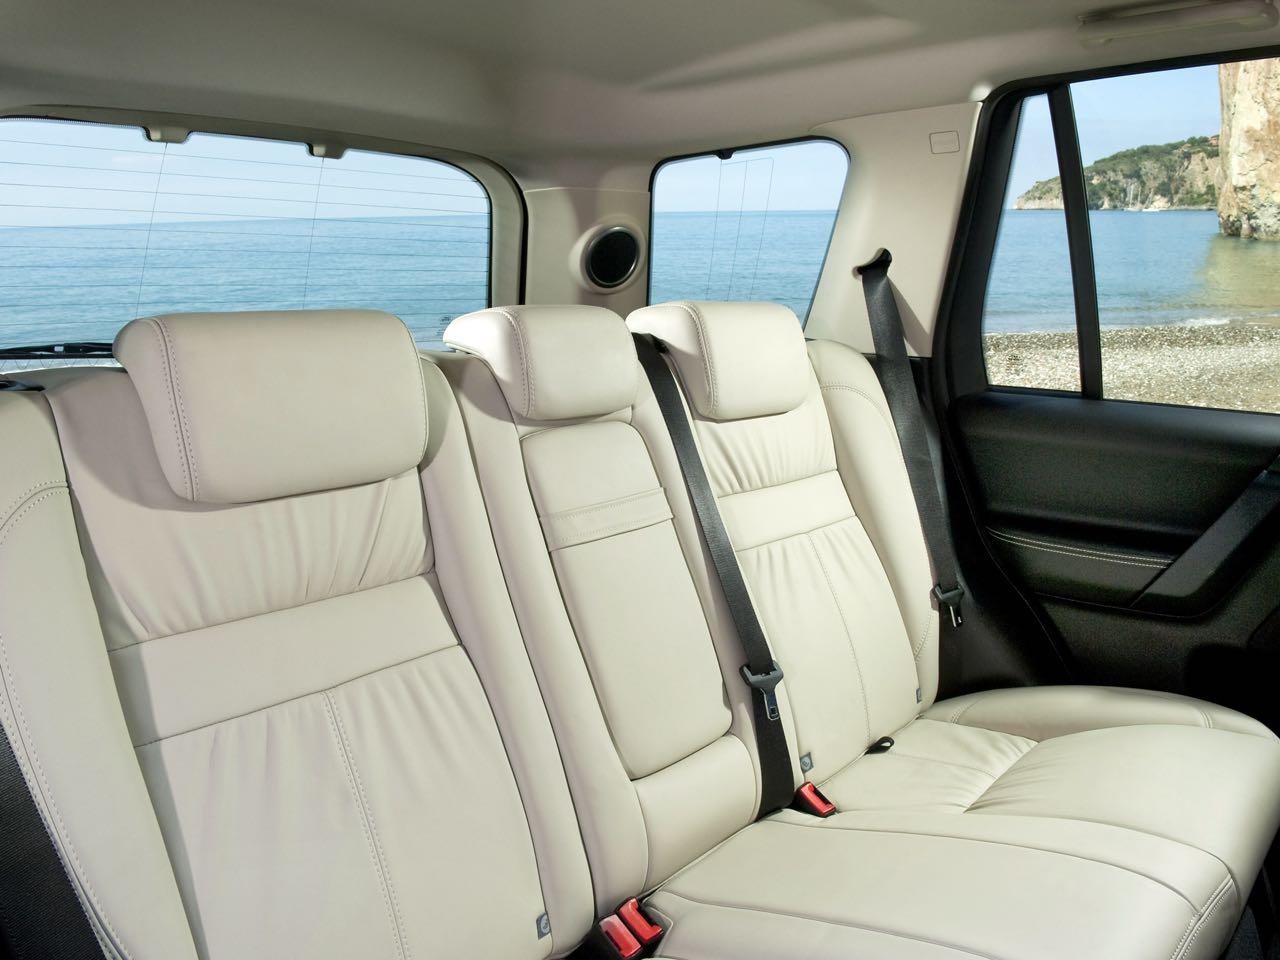 Land Rover Freelander 2010 asientos traseros